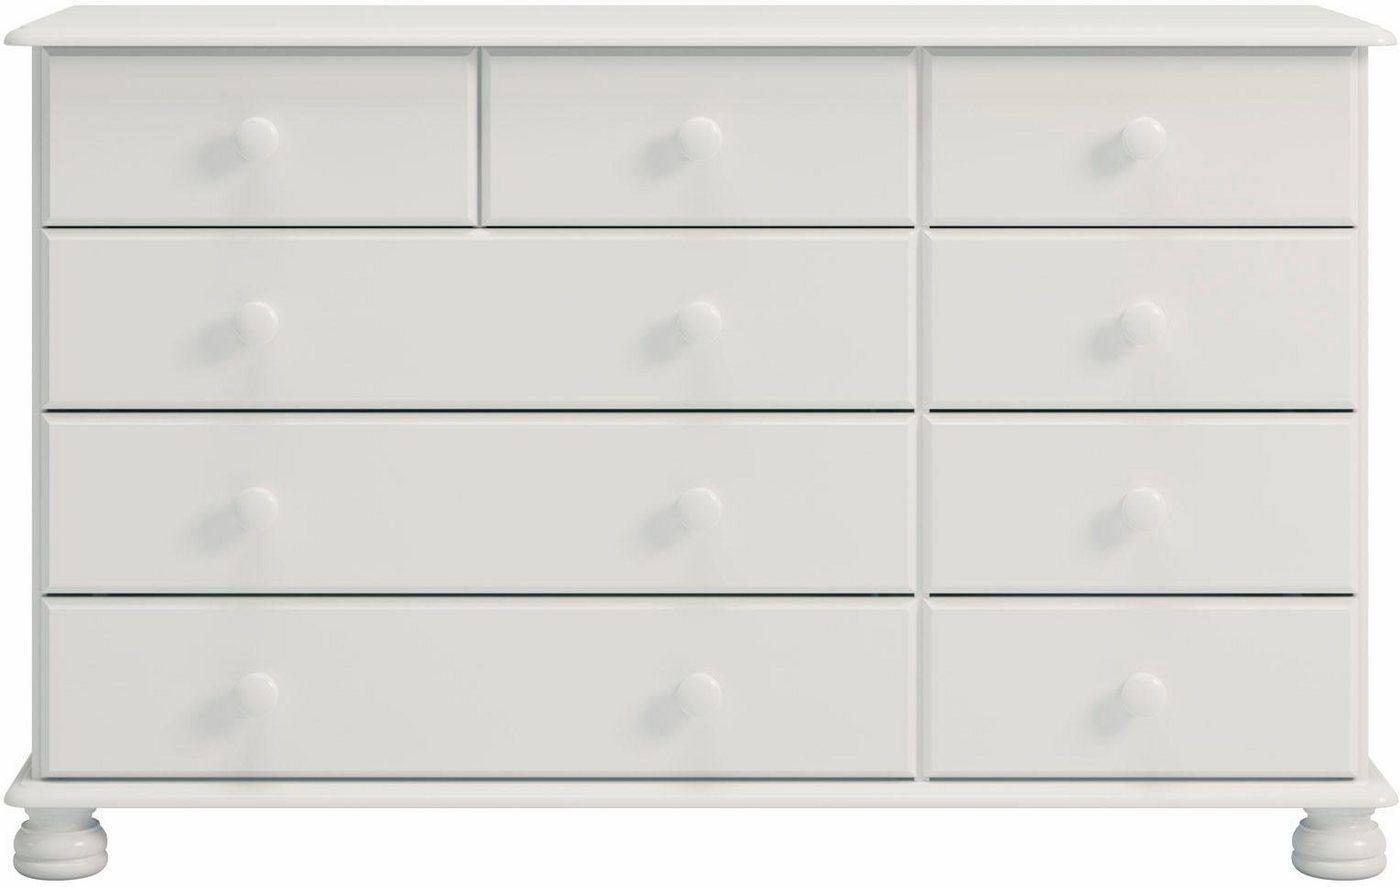 Cremebraun Kommoden Online Kaufen Möbel Suchmaschine Ladendirektde